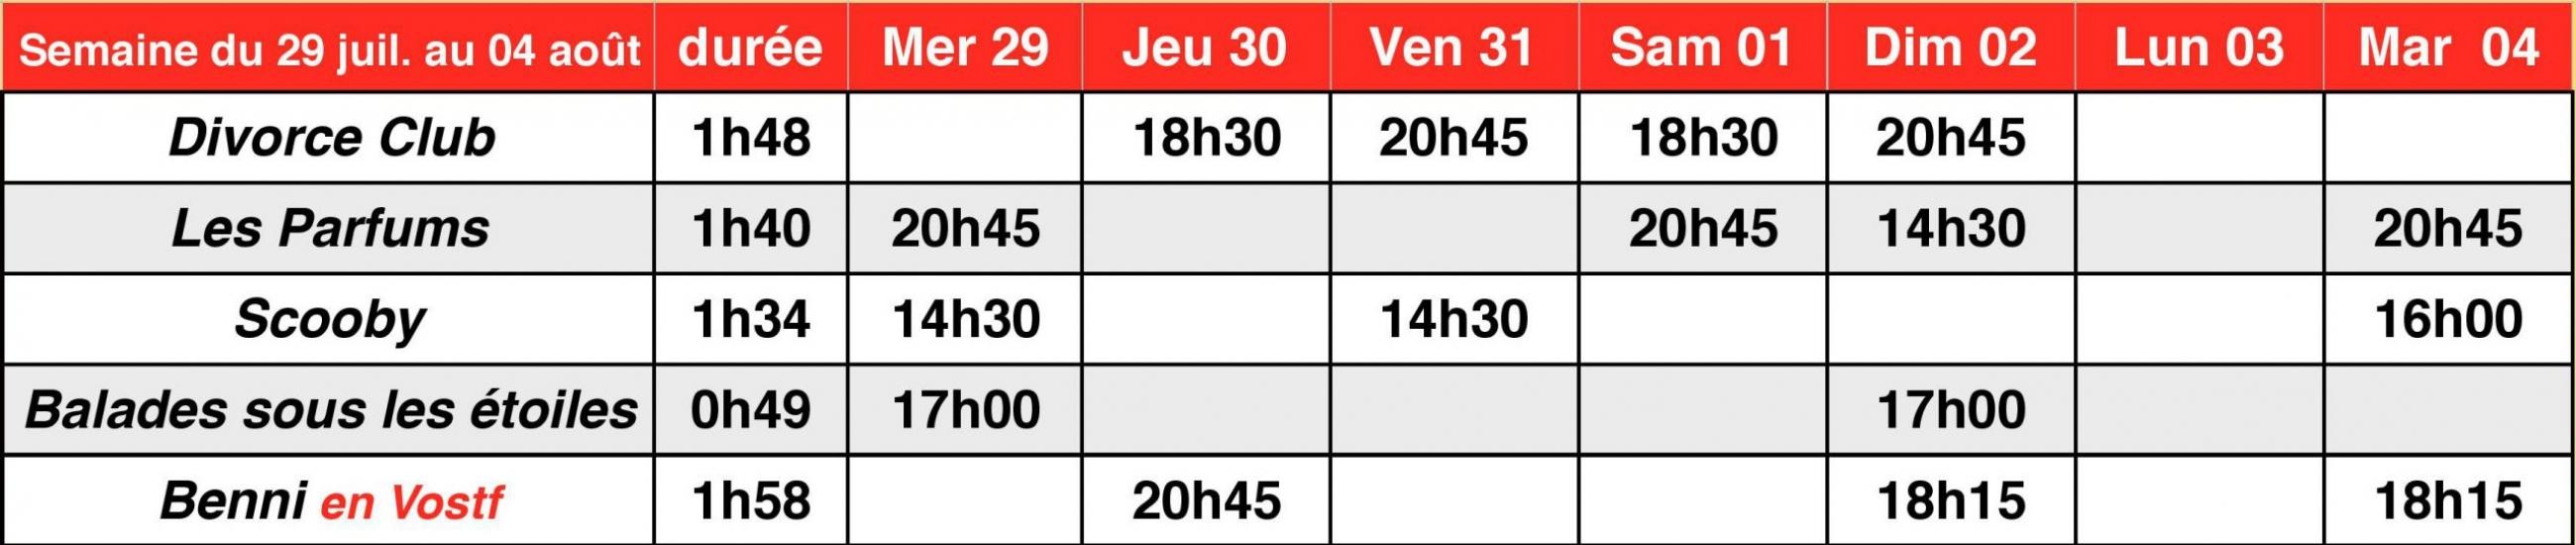 semaine-du-29-juil-au-04-aout